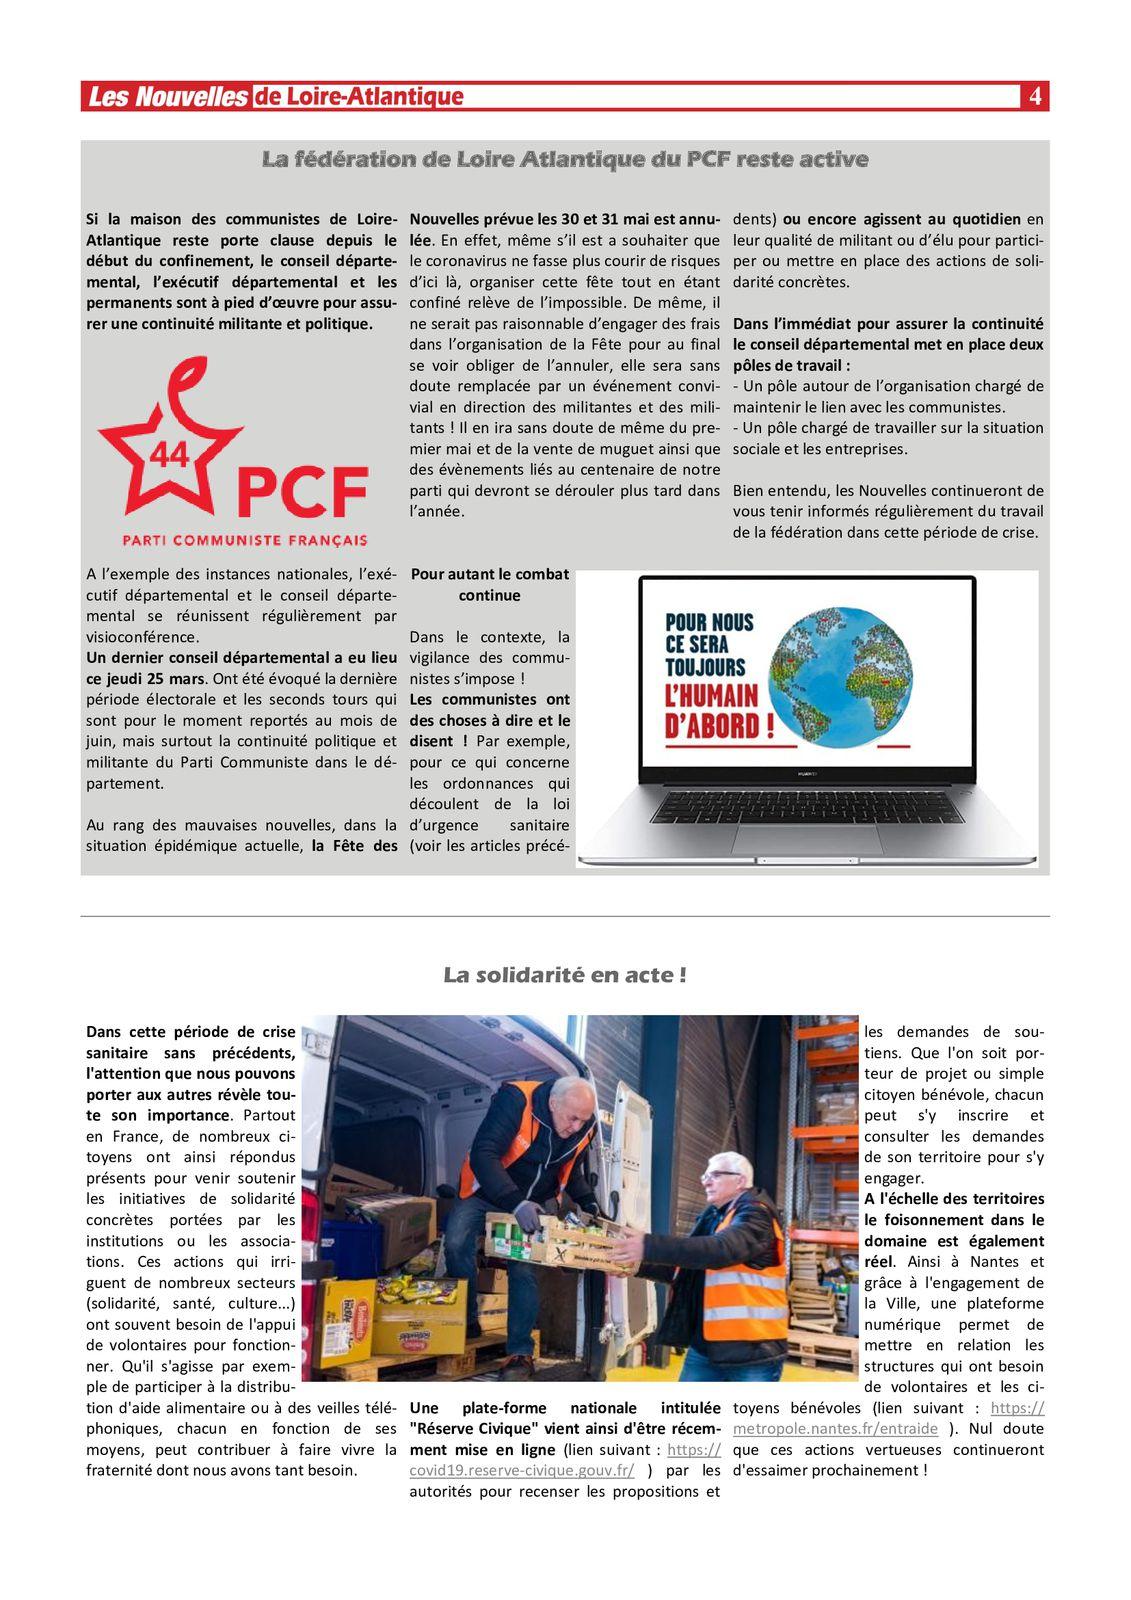 Les Nouvelles de Loire-Atlantique numériques - 27 mars 2020